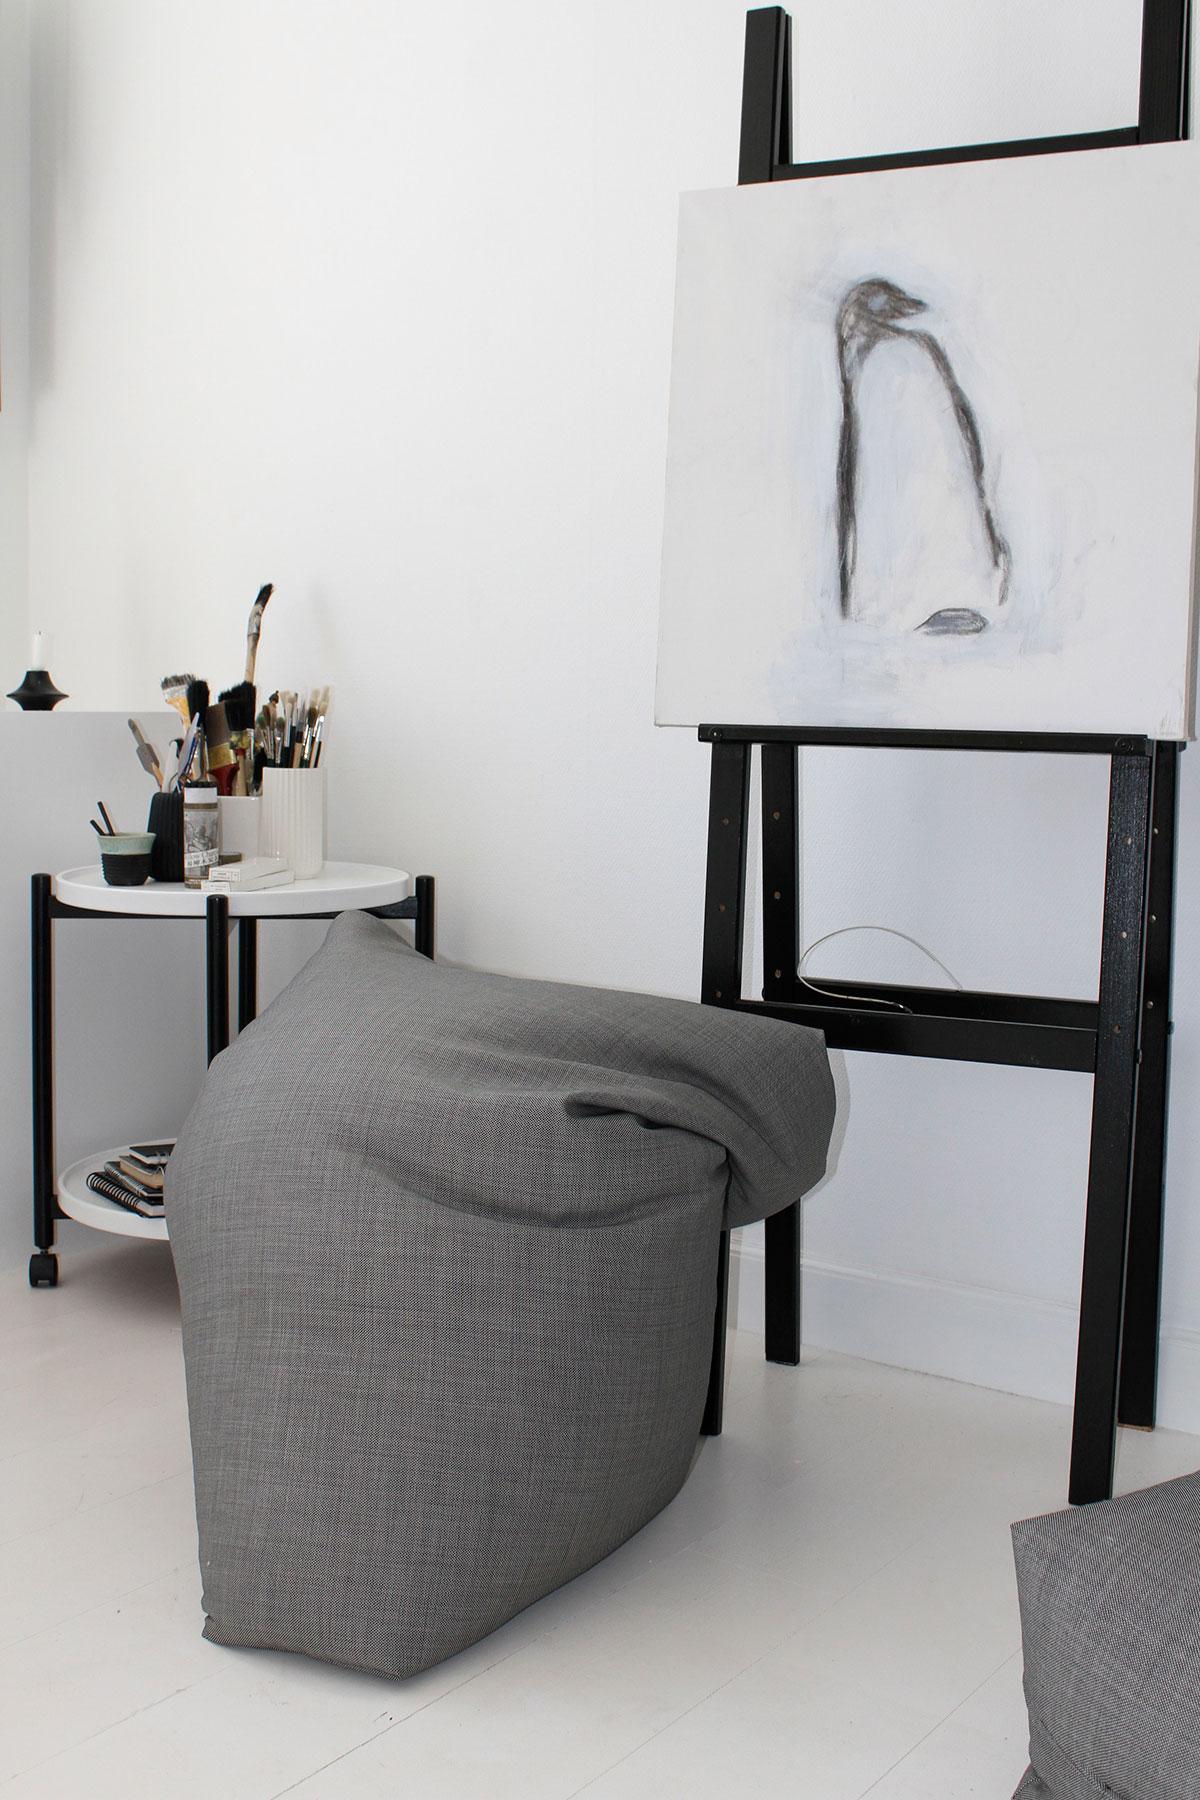 Arbejdsværelse efter, med sækkestol og lærred